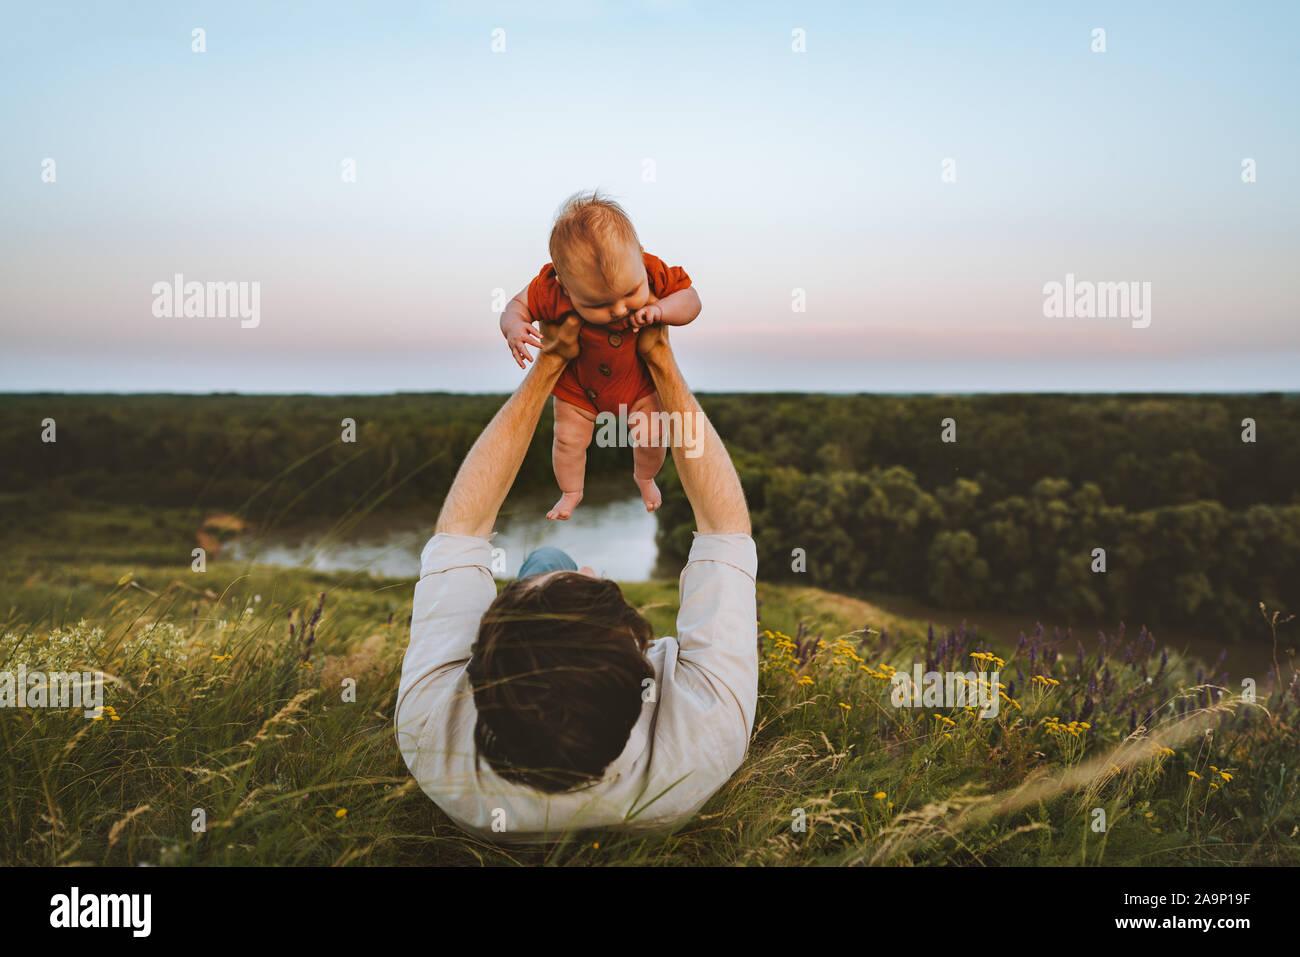 Padre e hija recostada sobre la hierba al aire libre estilo de vida familiar papá y bebé niño caminando juntos las vacaciones de verano la paternidad niñez concepto Foto de stock